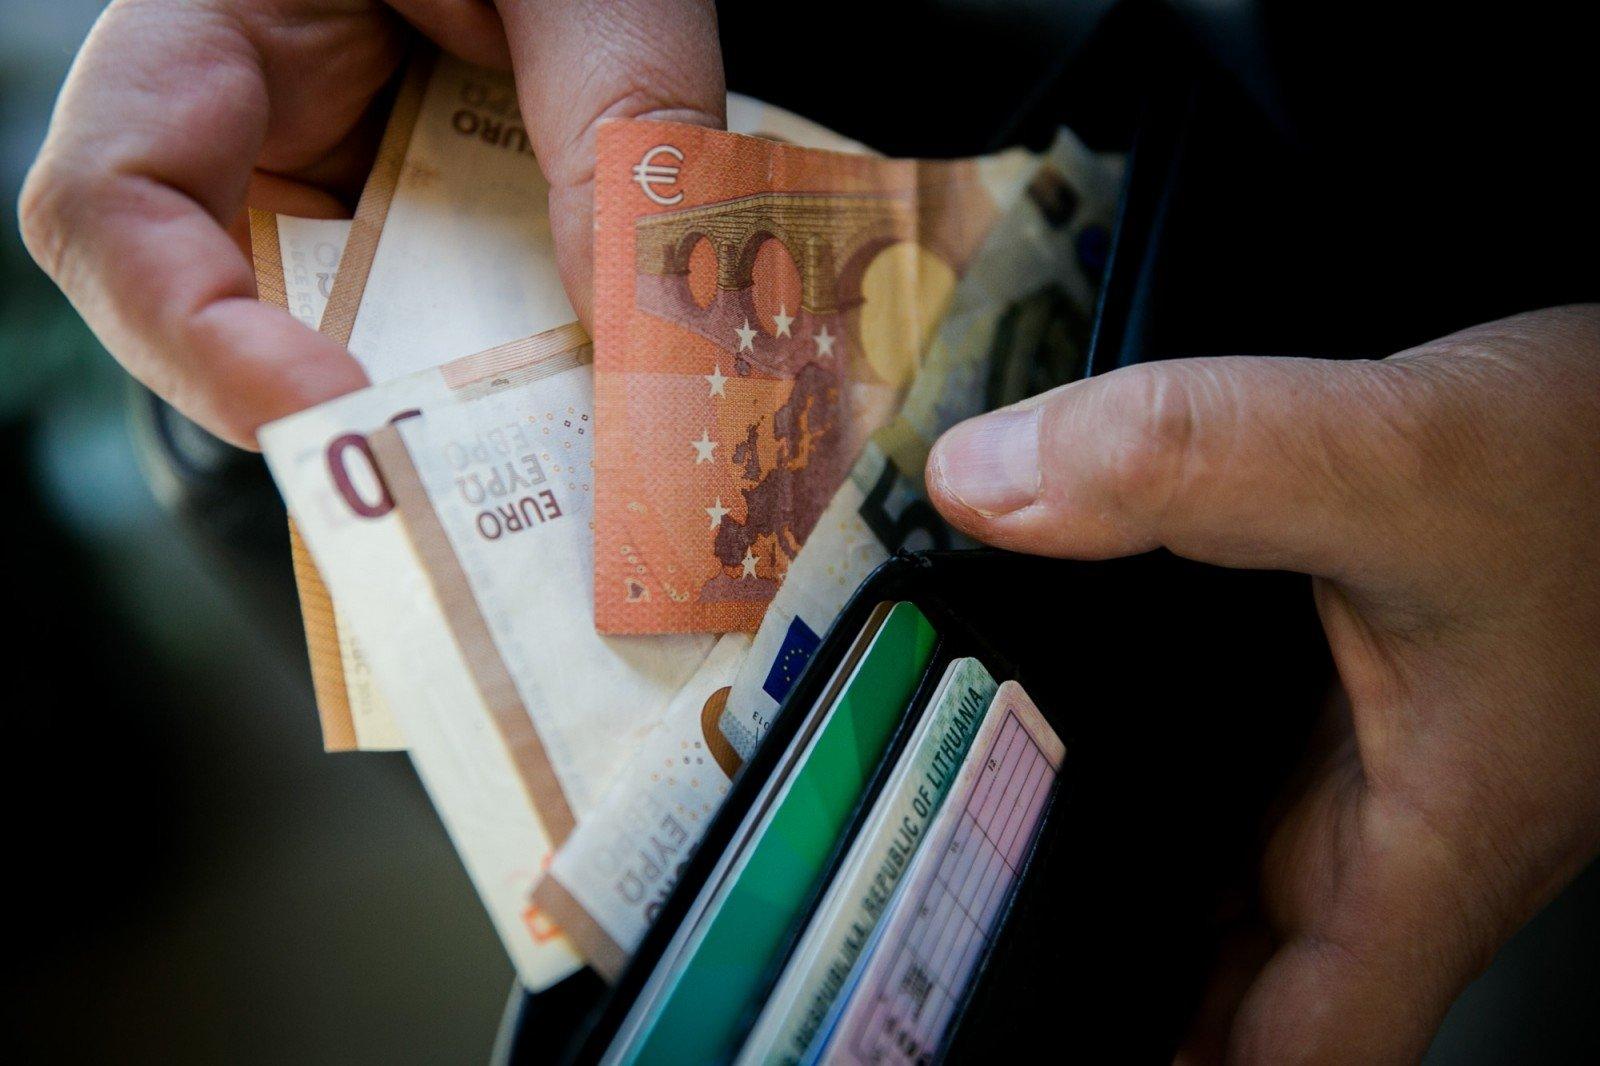 aukščiau pateiktų dvejetainių opcionų prekybos strategijų piniginė savitarpio pagalba internete be investicijų